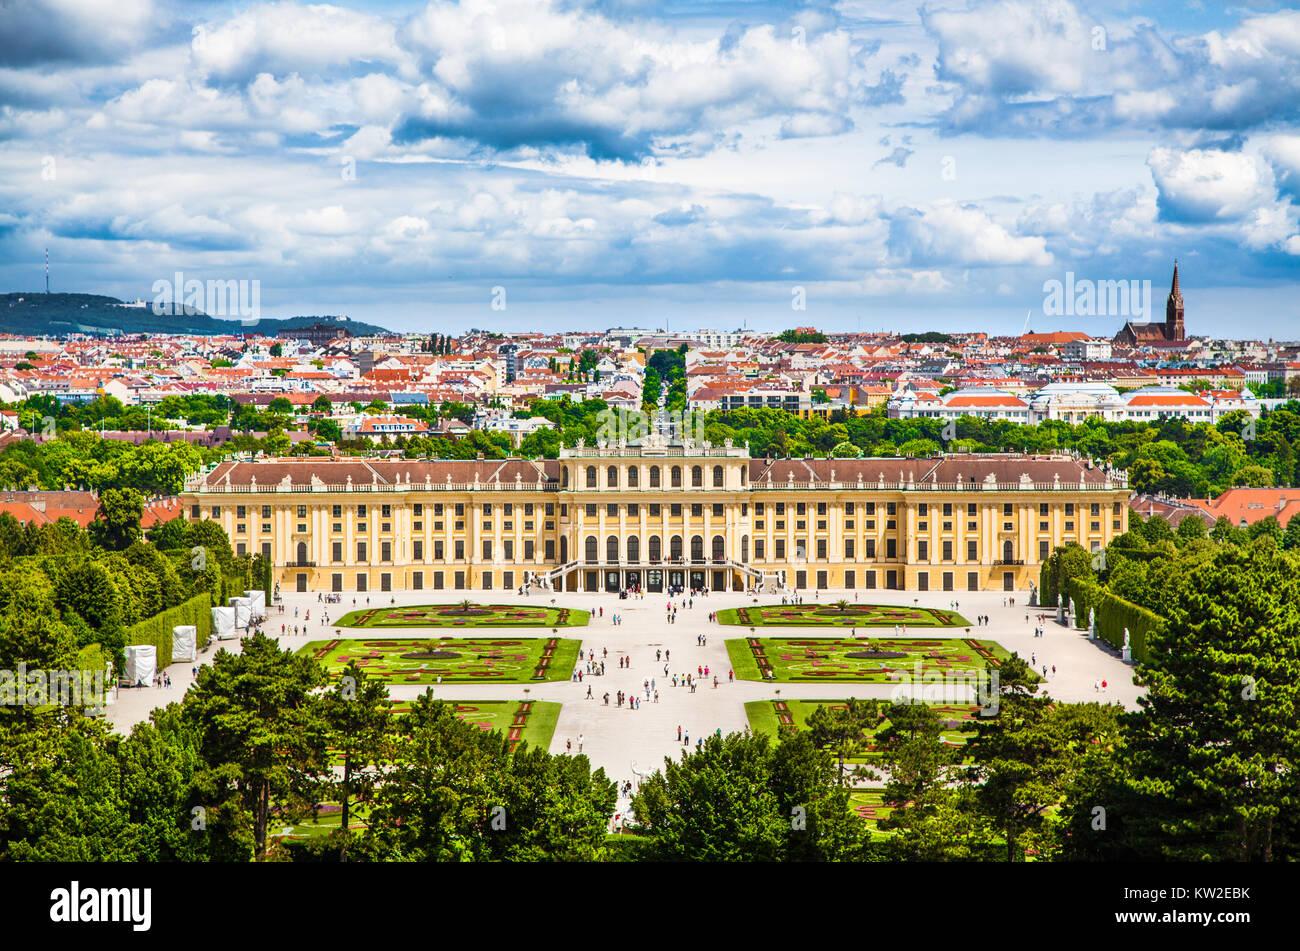 Hermosa vista del palacio de Schonbrunn con gran Jardín del Parterre en Viena, Austria. Imagen De Stock